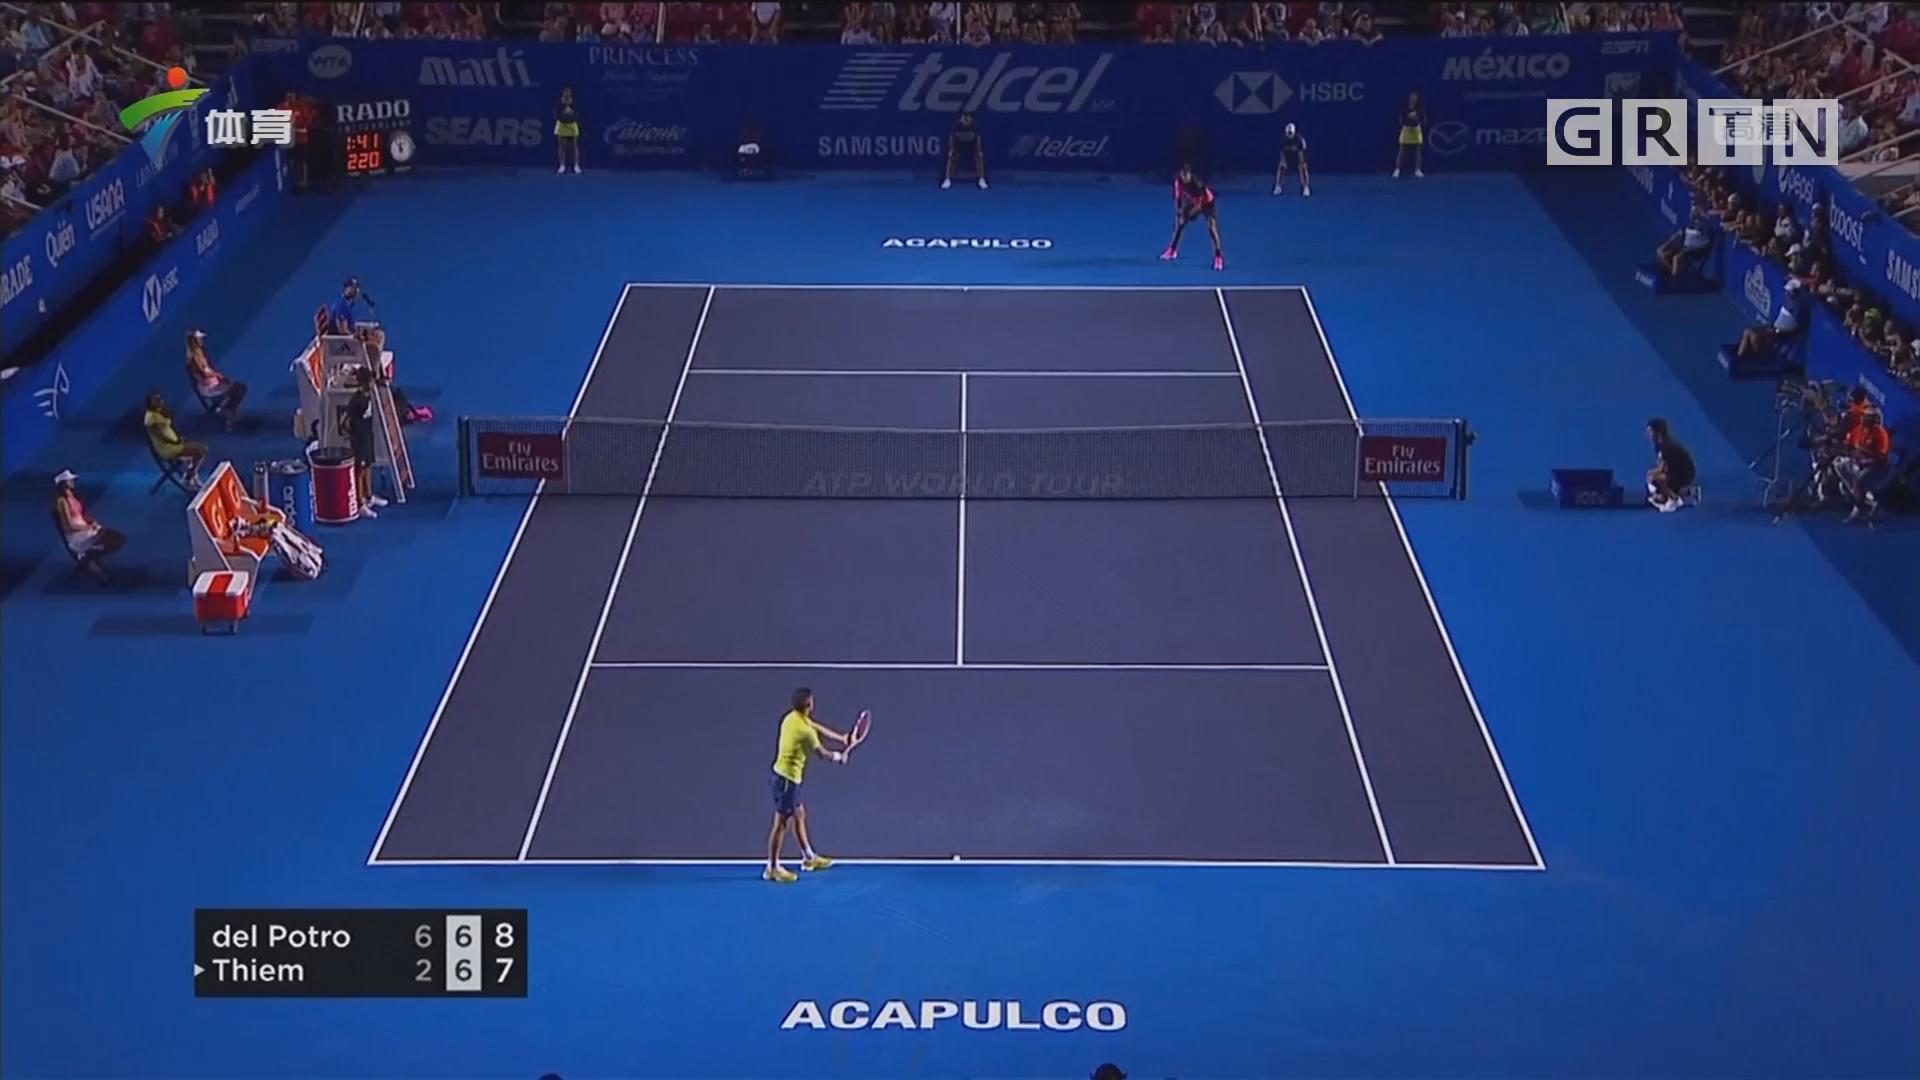 ATP阿卡普尔科赛 德尔波特罗半决赛将碰小兹维列夫